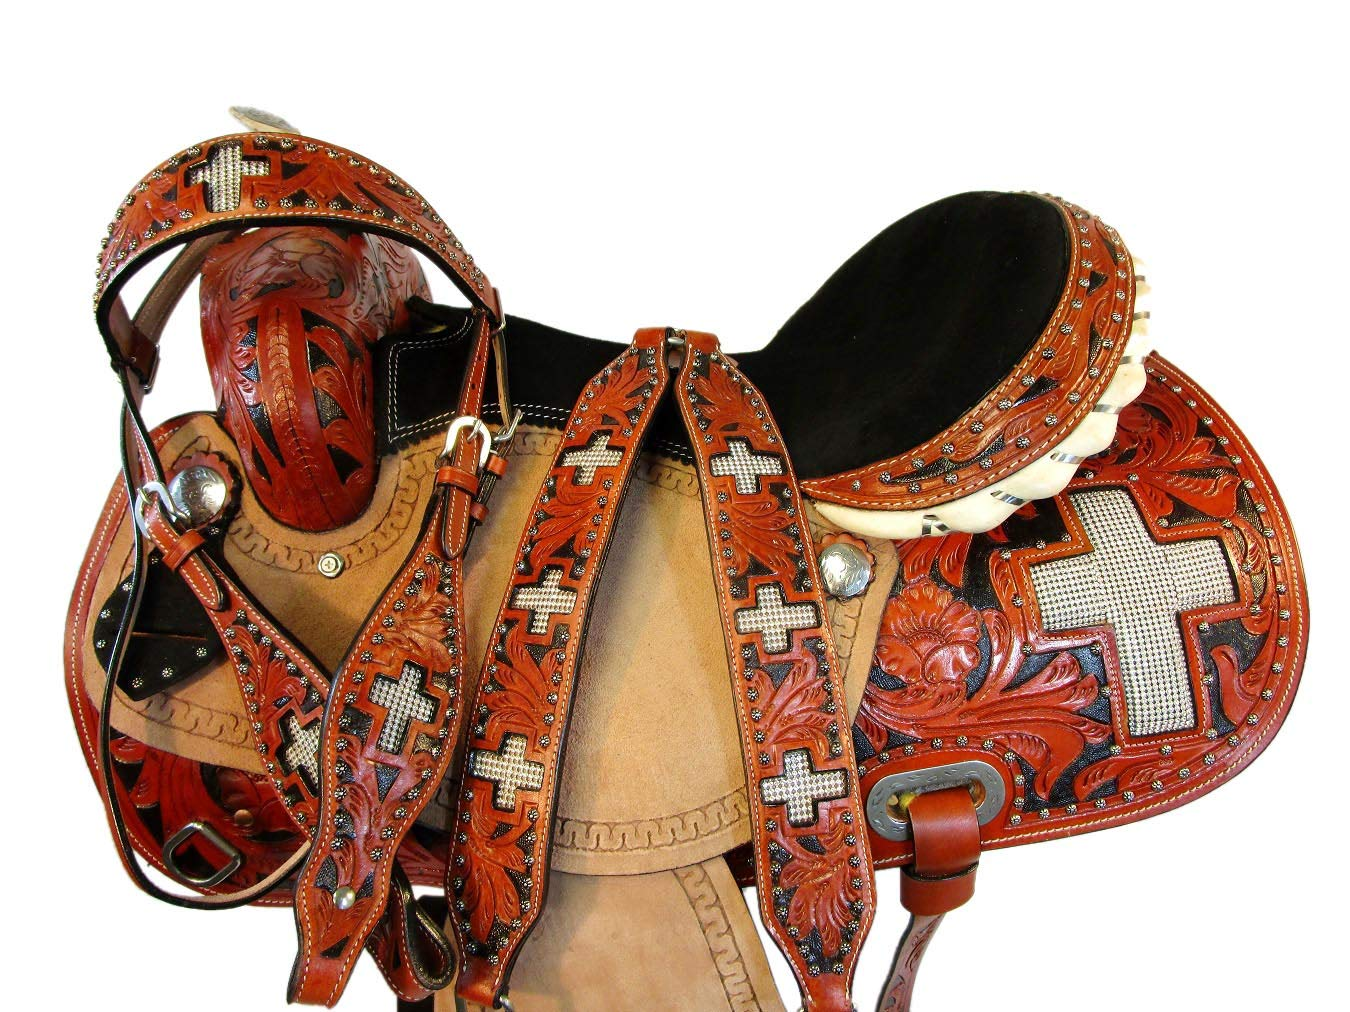 Orlov Hill Leather Co ウェスタンカウボーイ クロスショー プレジャー フローラル ツール ホース バレル レーシング サドル 15 16  15 Inch